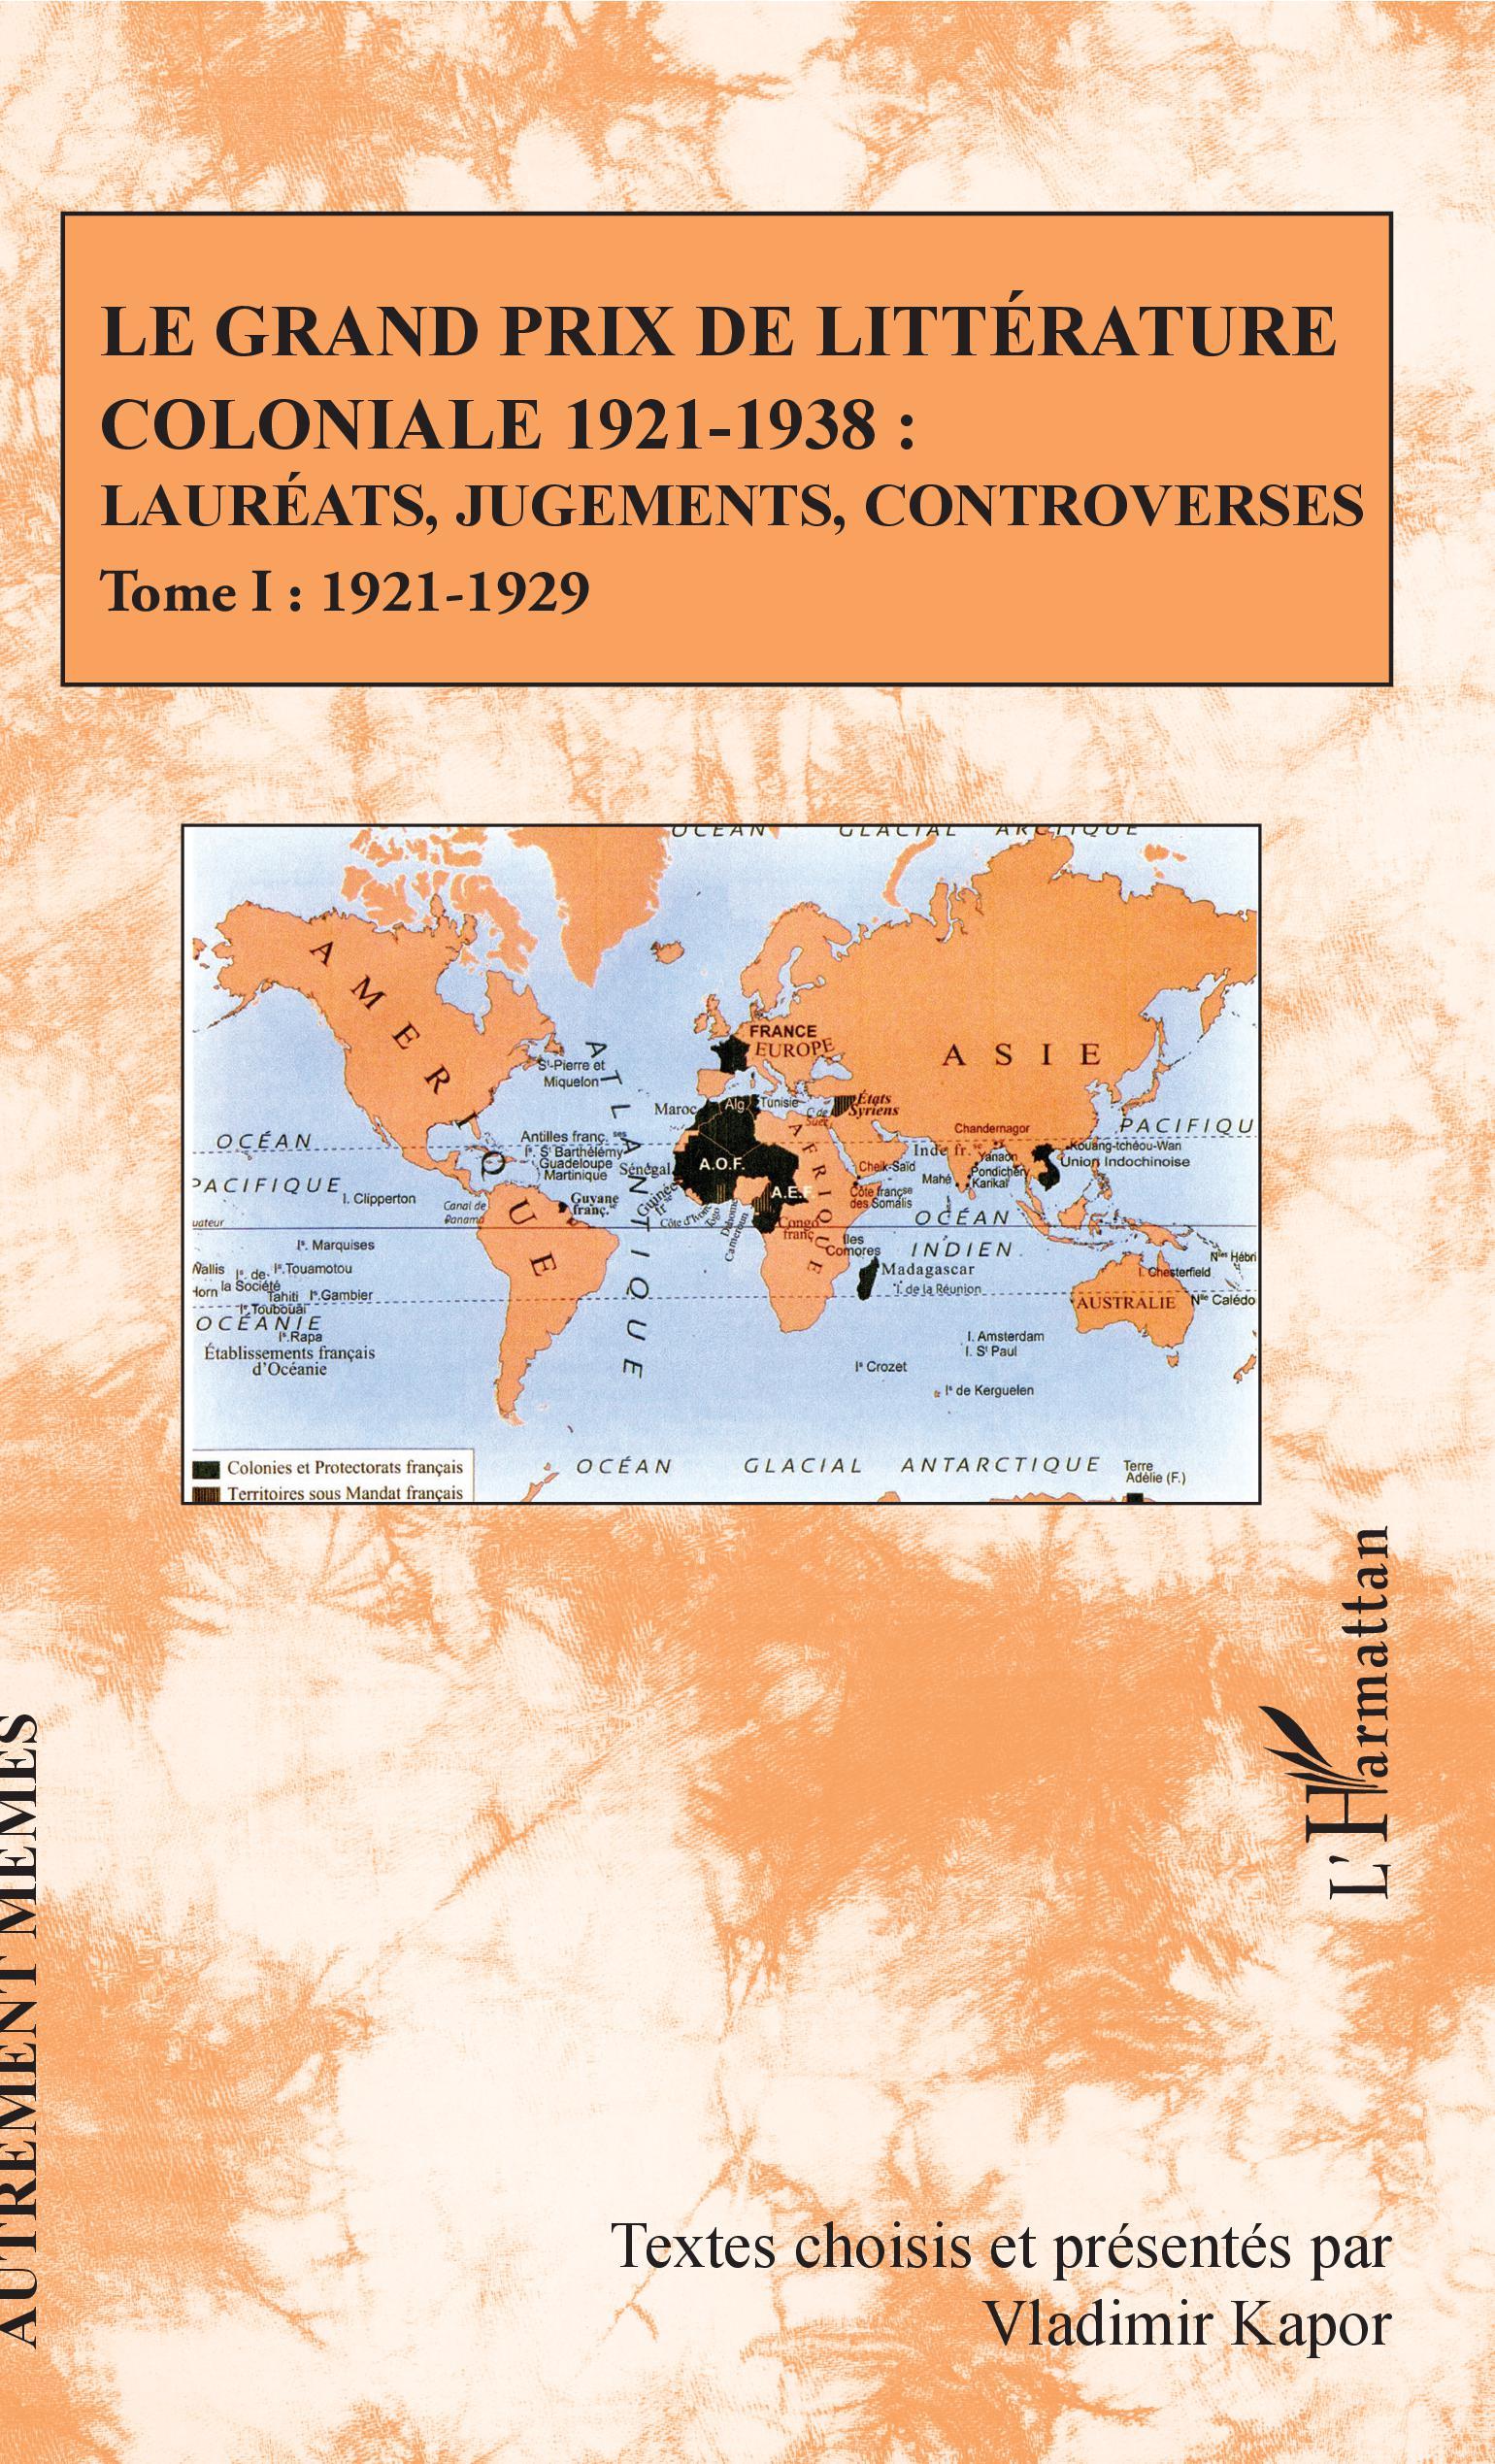 V. Kapor (éd), Le grand prix de la littérature coloniale 1921-1938 : Lauréats, jugements, controverses